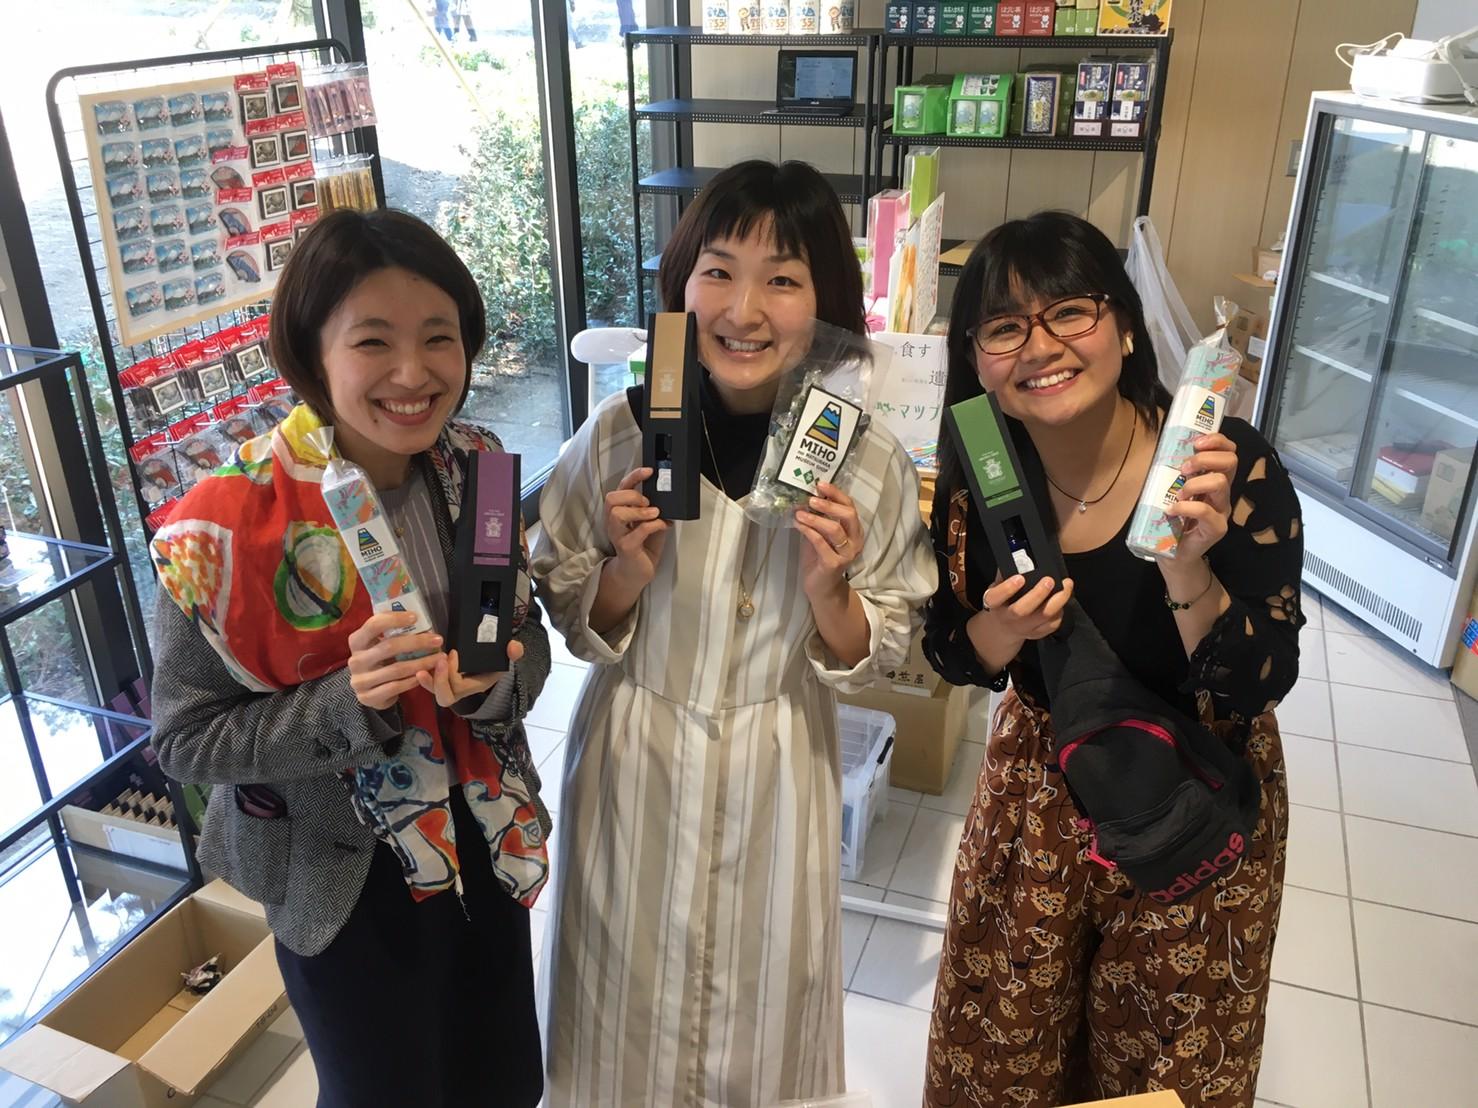 三保の松葉を活用したルームスプレー販売開始しました! 投稿者:松木キヨコ